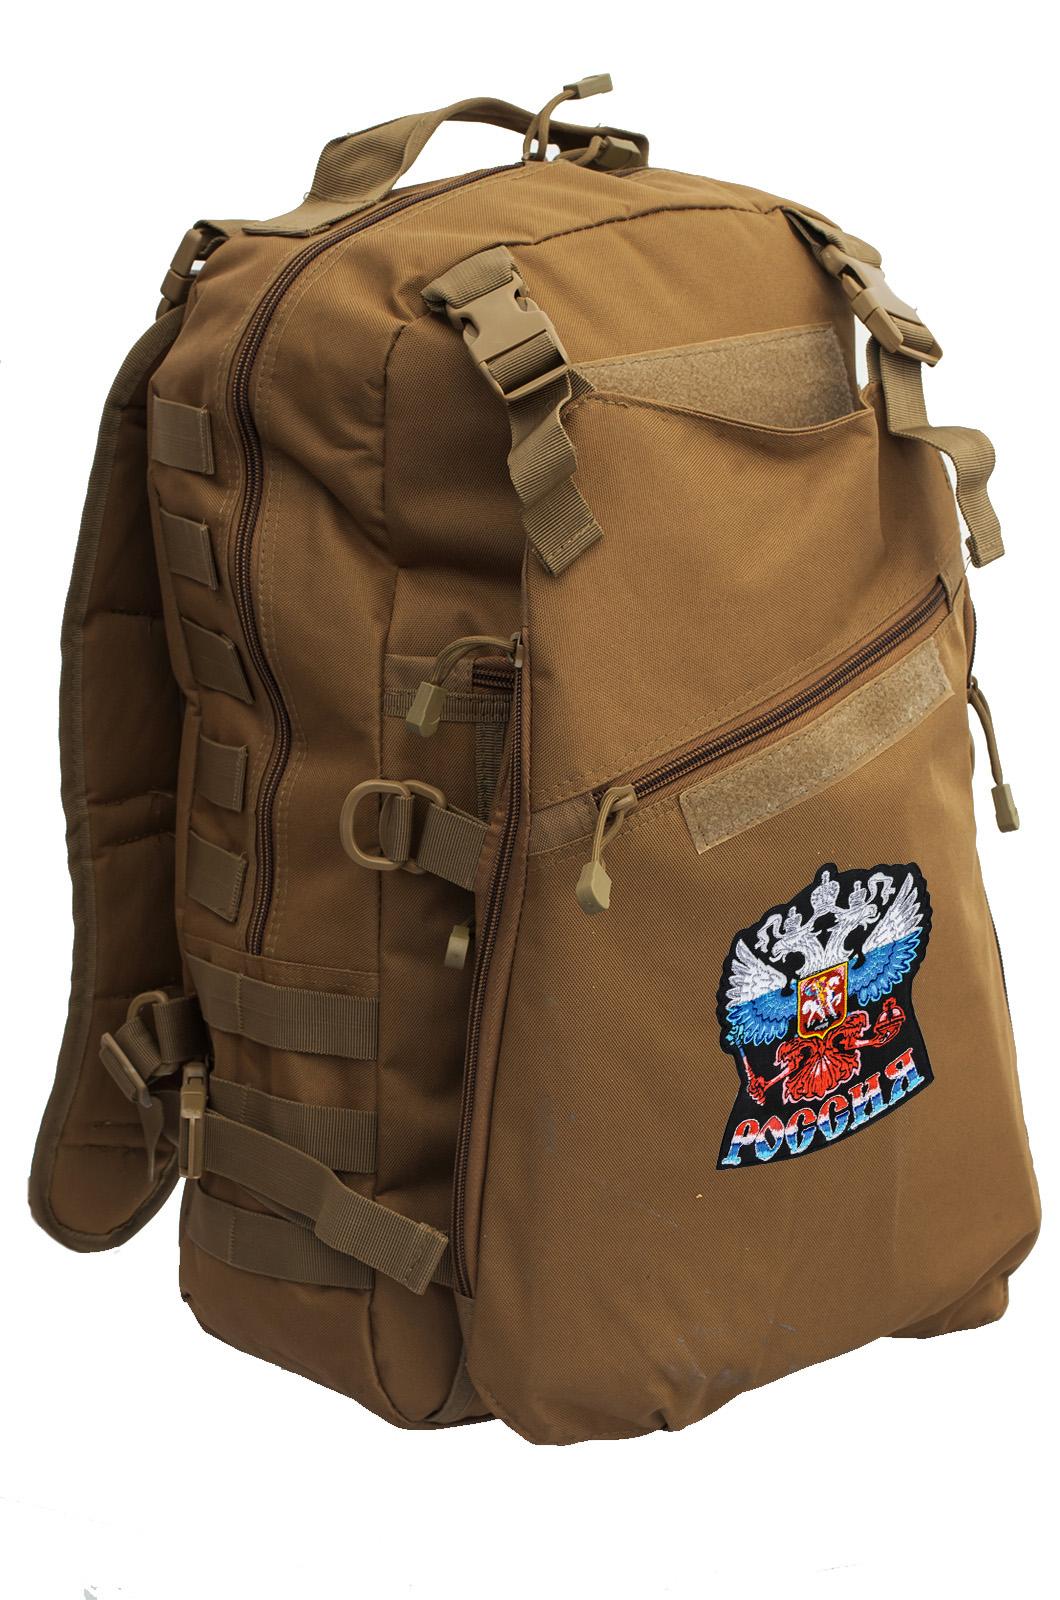 Рейдовый рюкзак хаки-песочный с двуглавым орлом